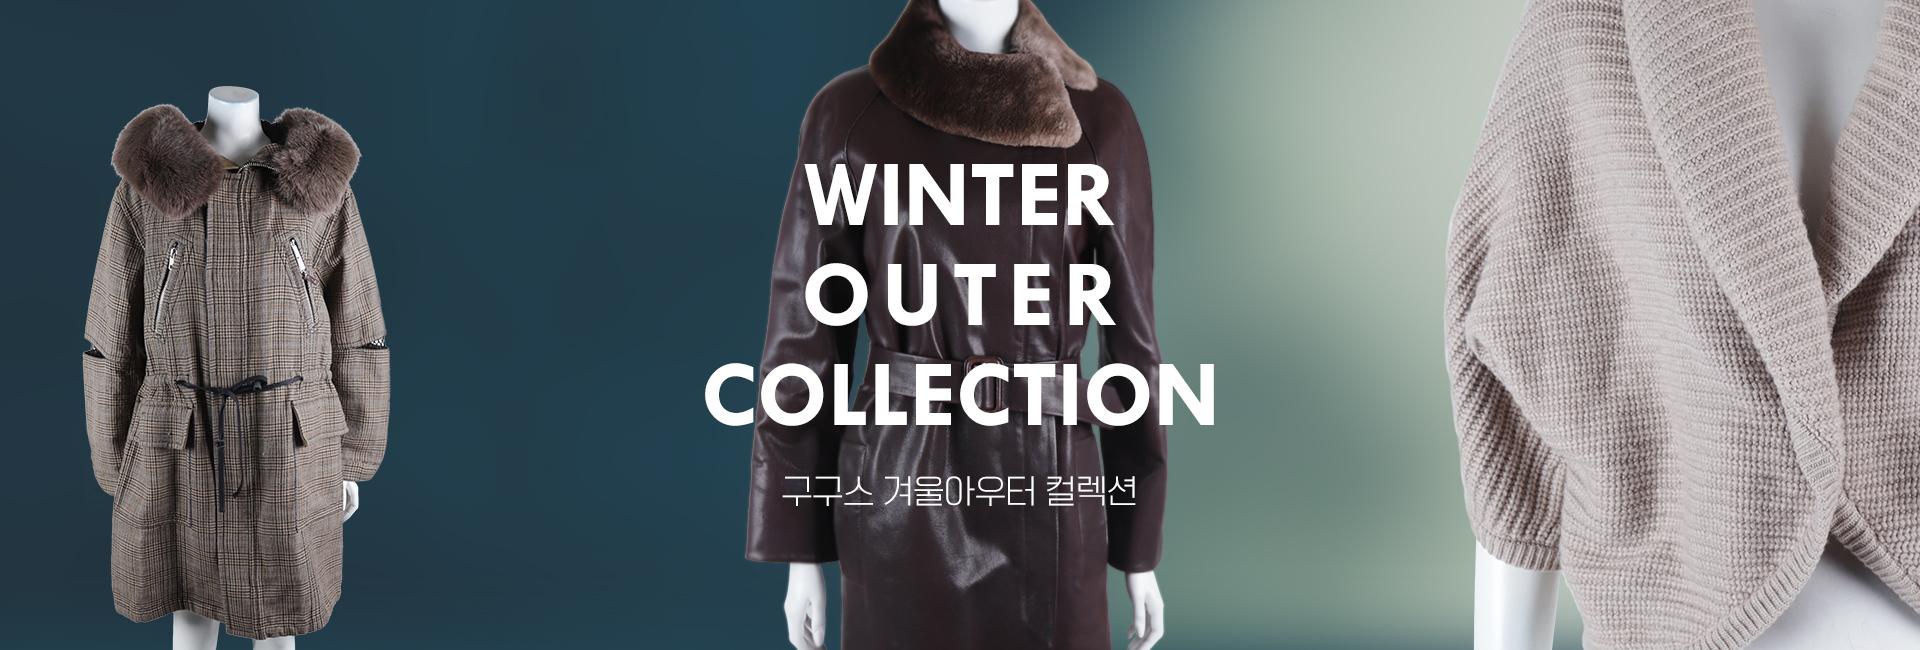 2020 겨울아우터 컬렉션